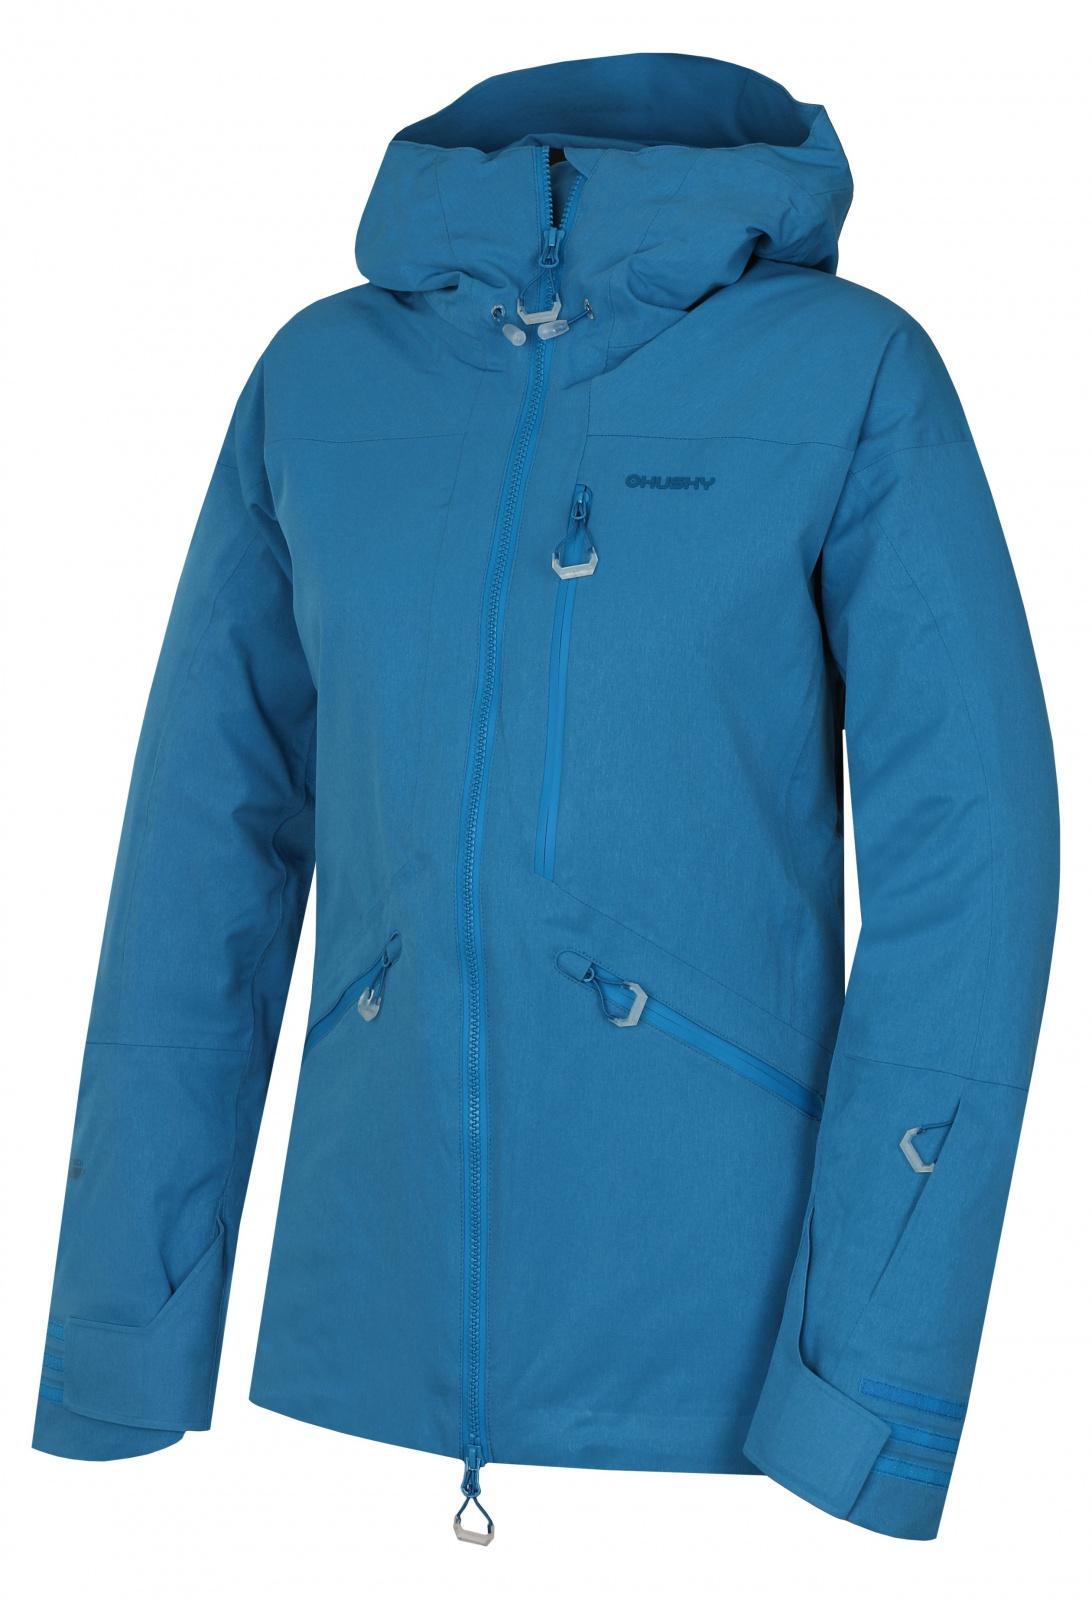 Husky Gomez l modrá, M Dámska lyžiarská bunda